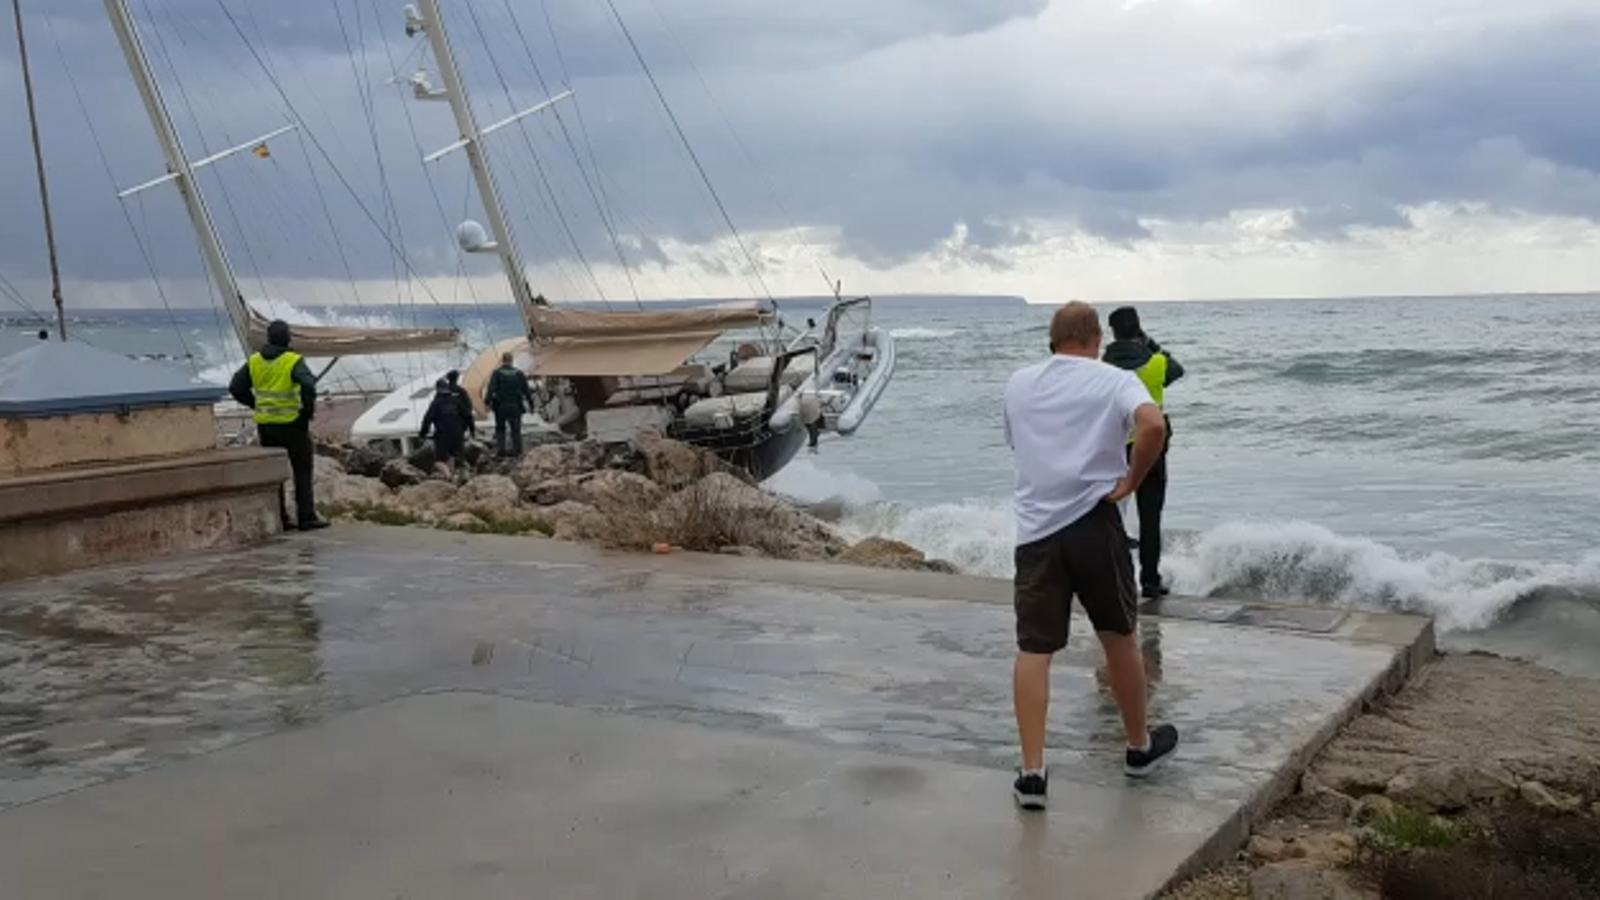 Leslie ha arribat debilitat a les Illes Balears